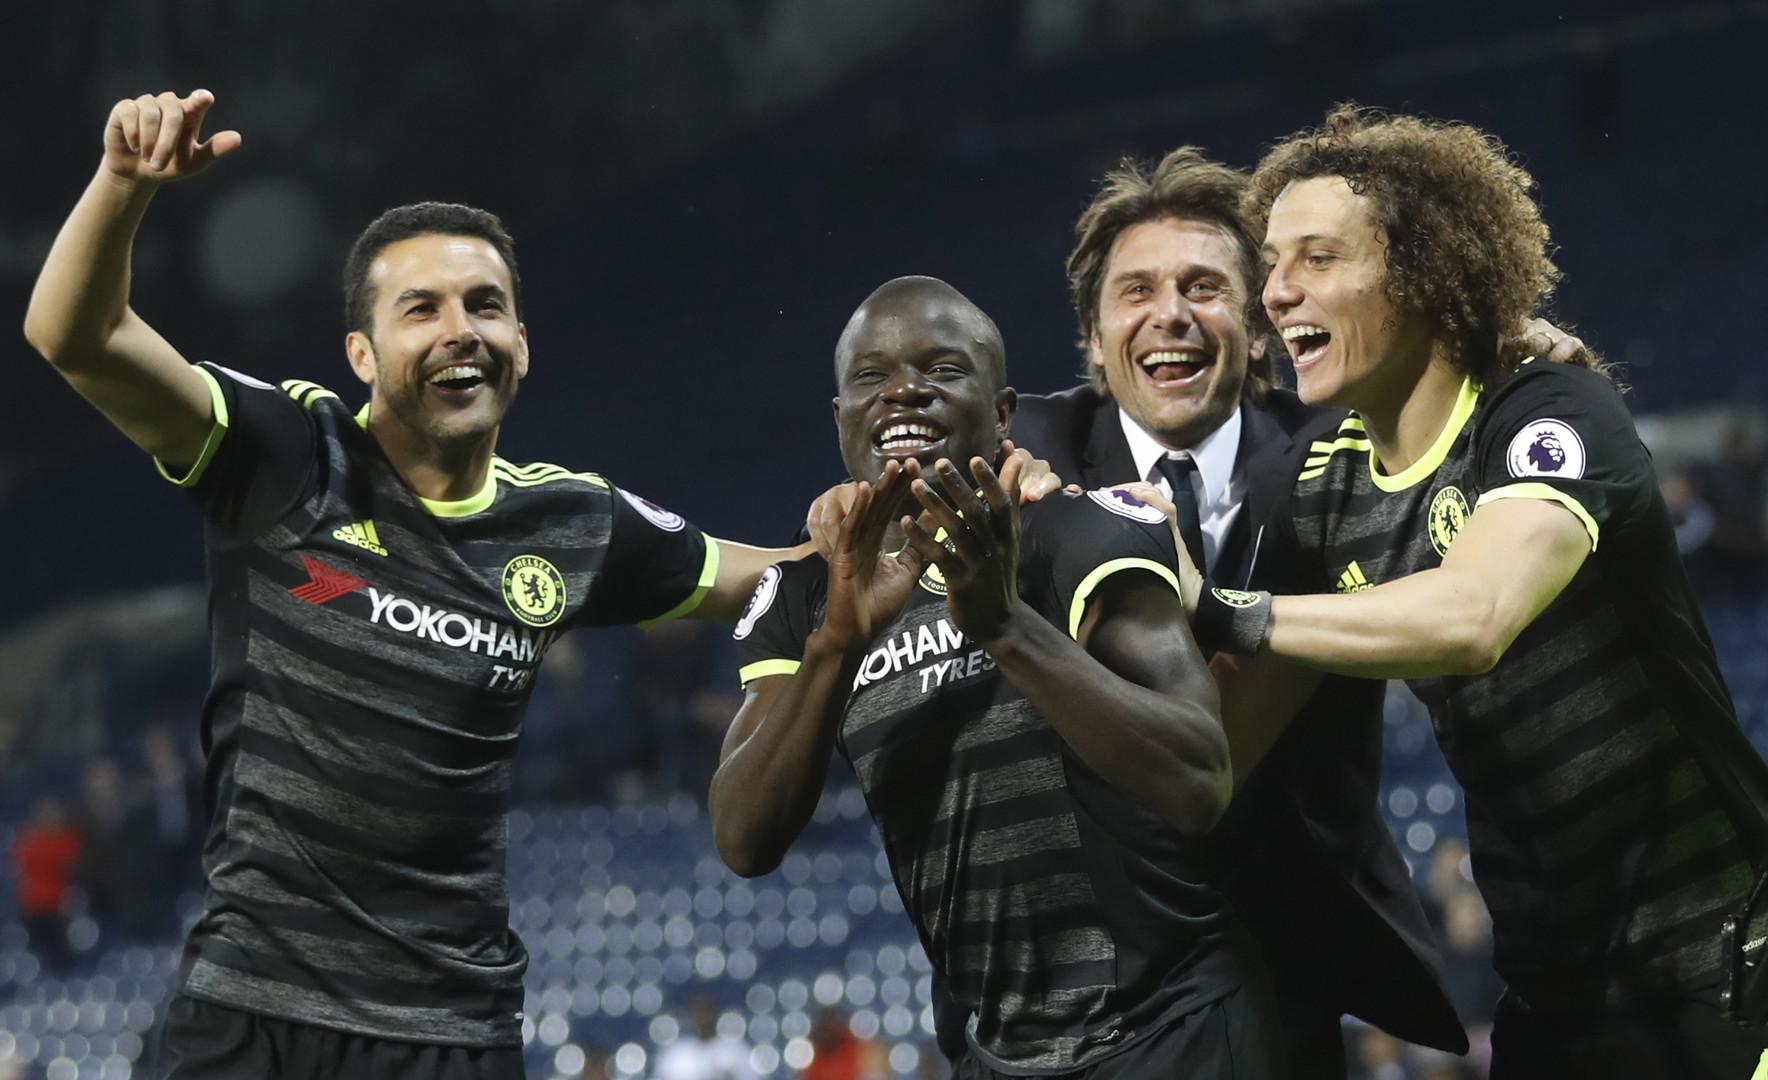 Золото «Челси» и отложенное чемпионство «Ювентуса»: итоги футбольных выходных в Европе